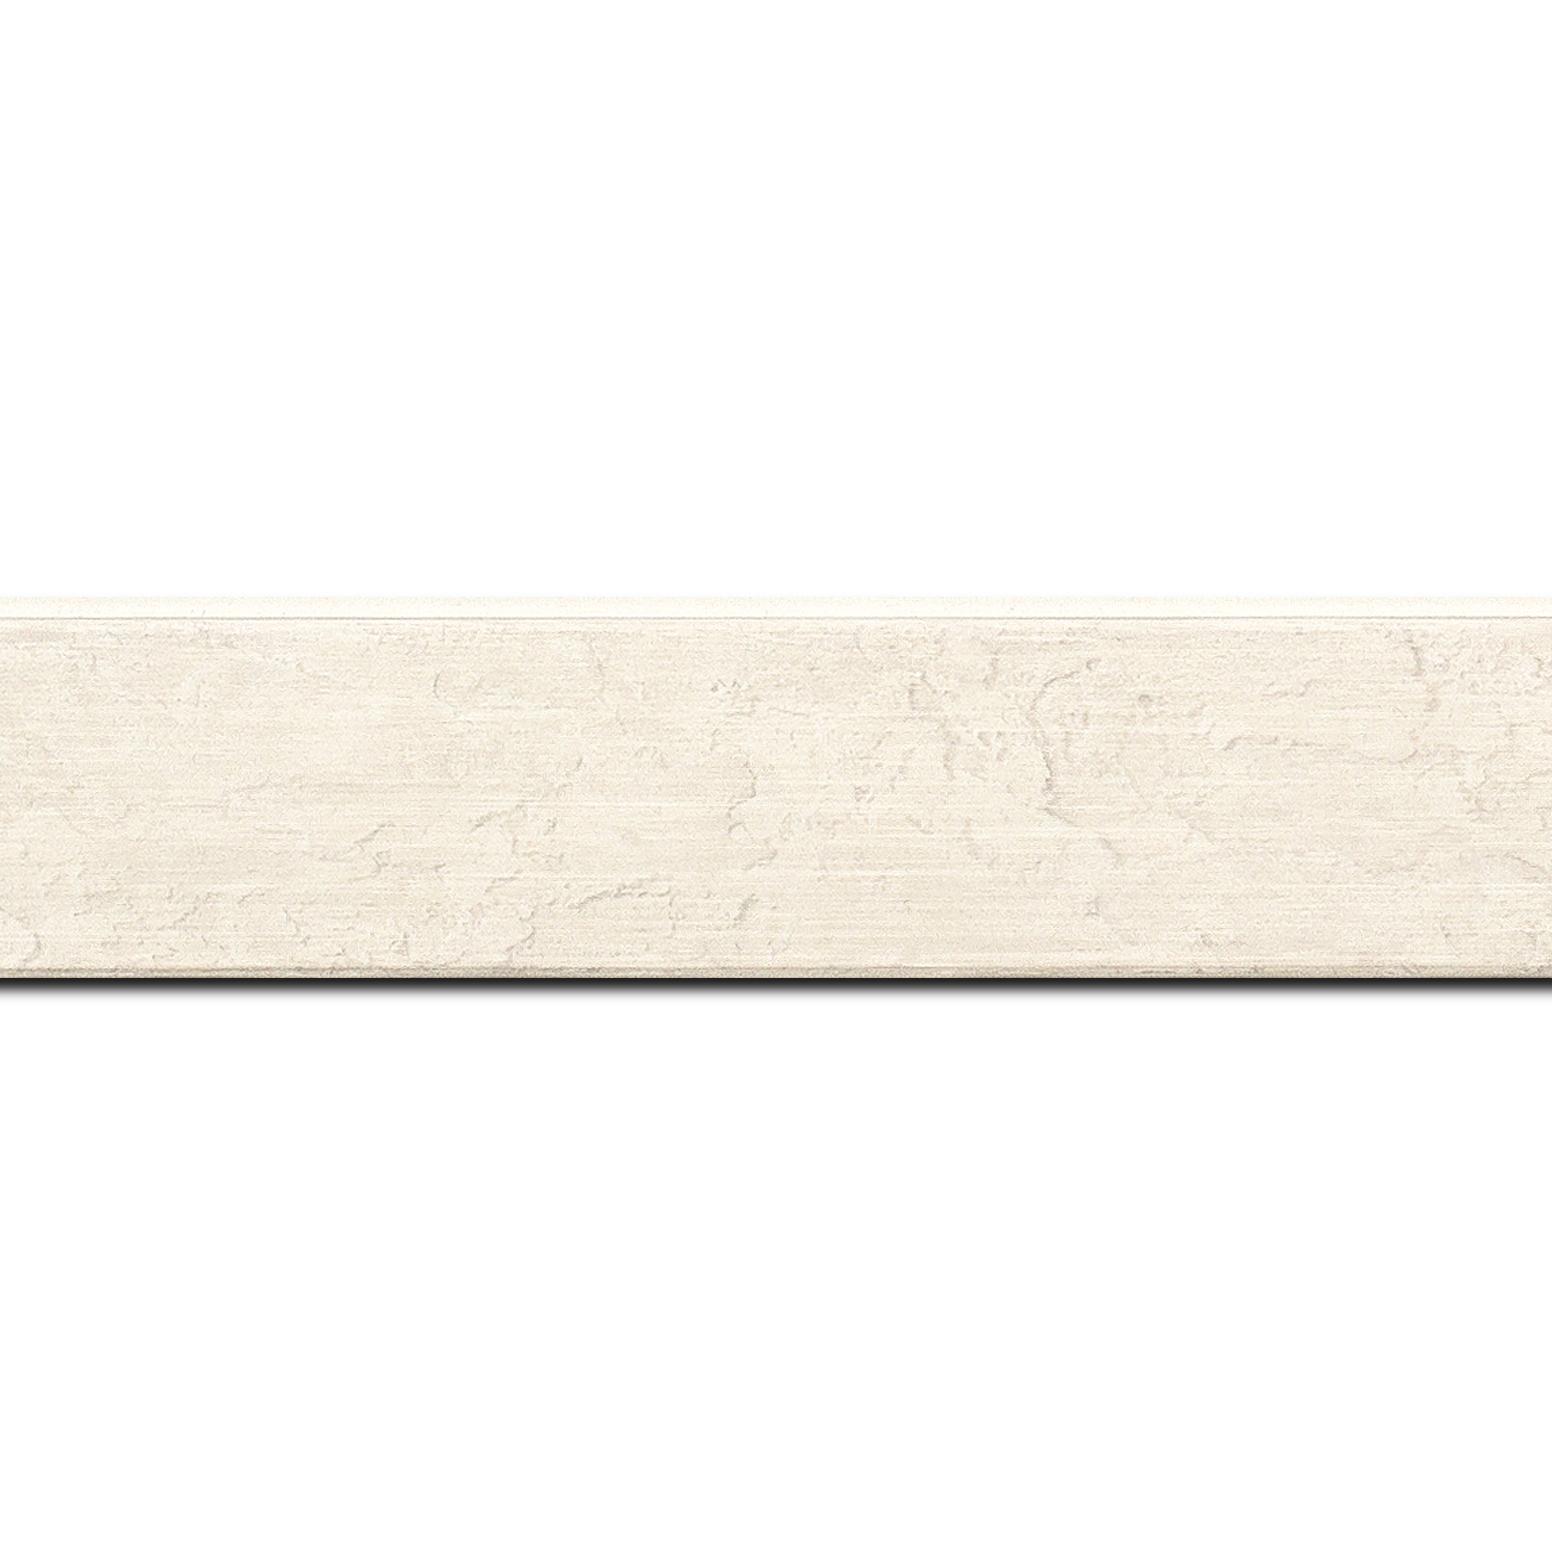 Baguette longueur 1.40m bois profil plat incliné largeur 3.7cm couleur blanc effet ressuyé